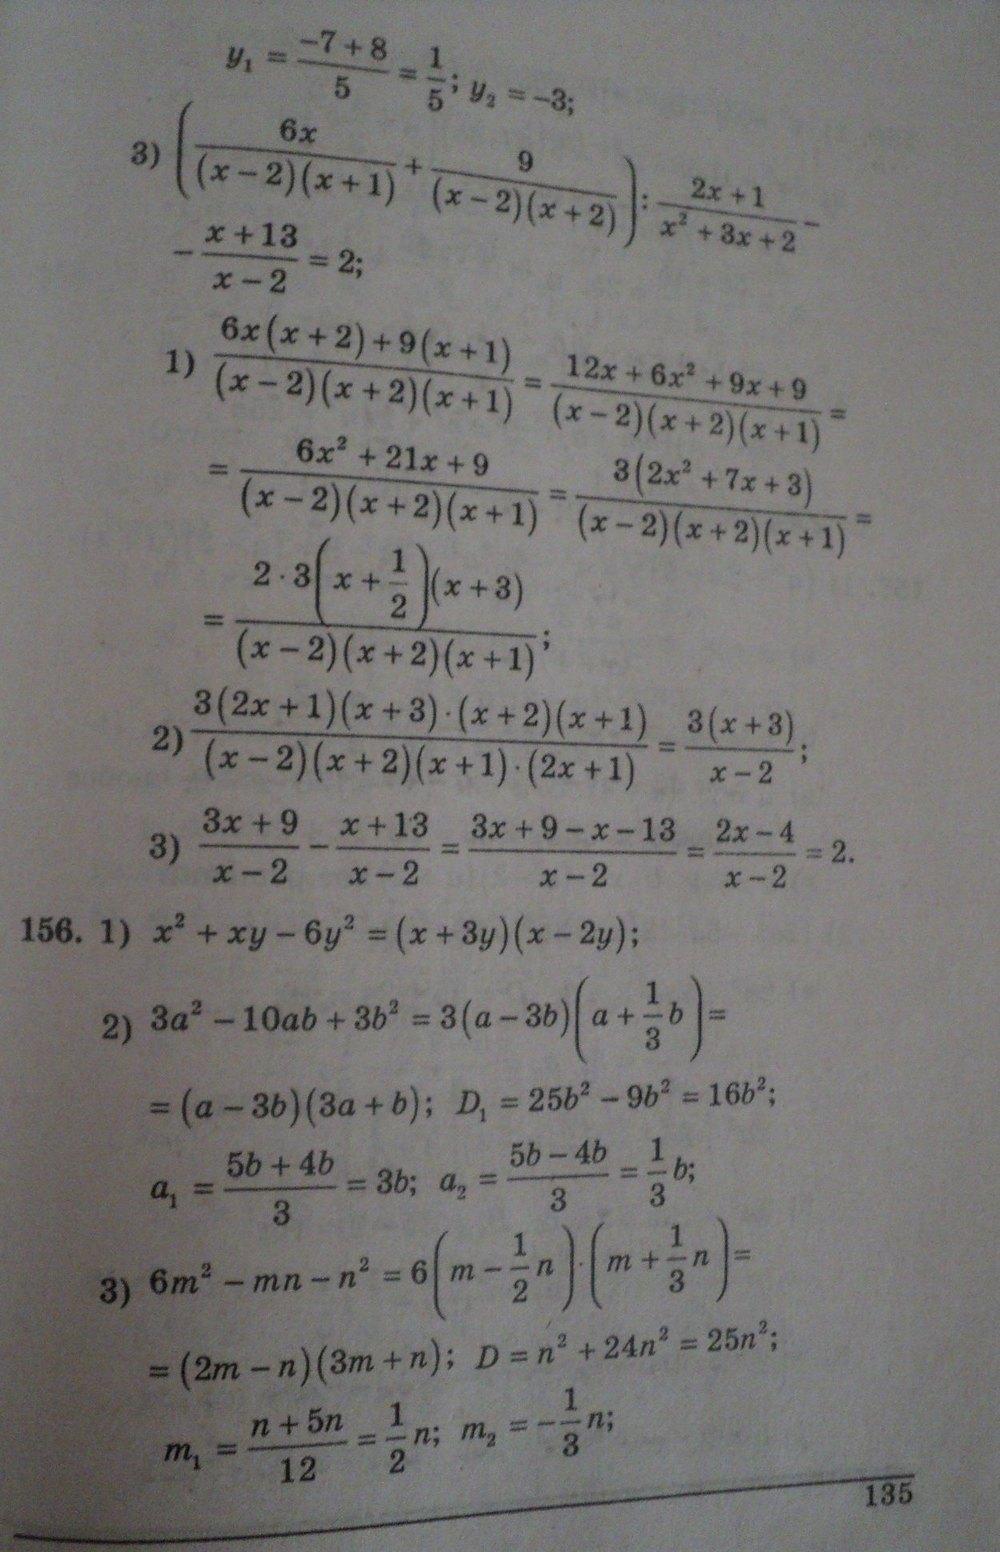 ГДЗ по алгебре 8 класс Щербань П.. Задание: стр. 135